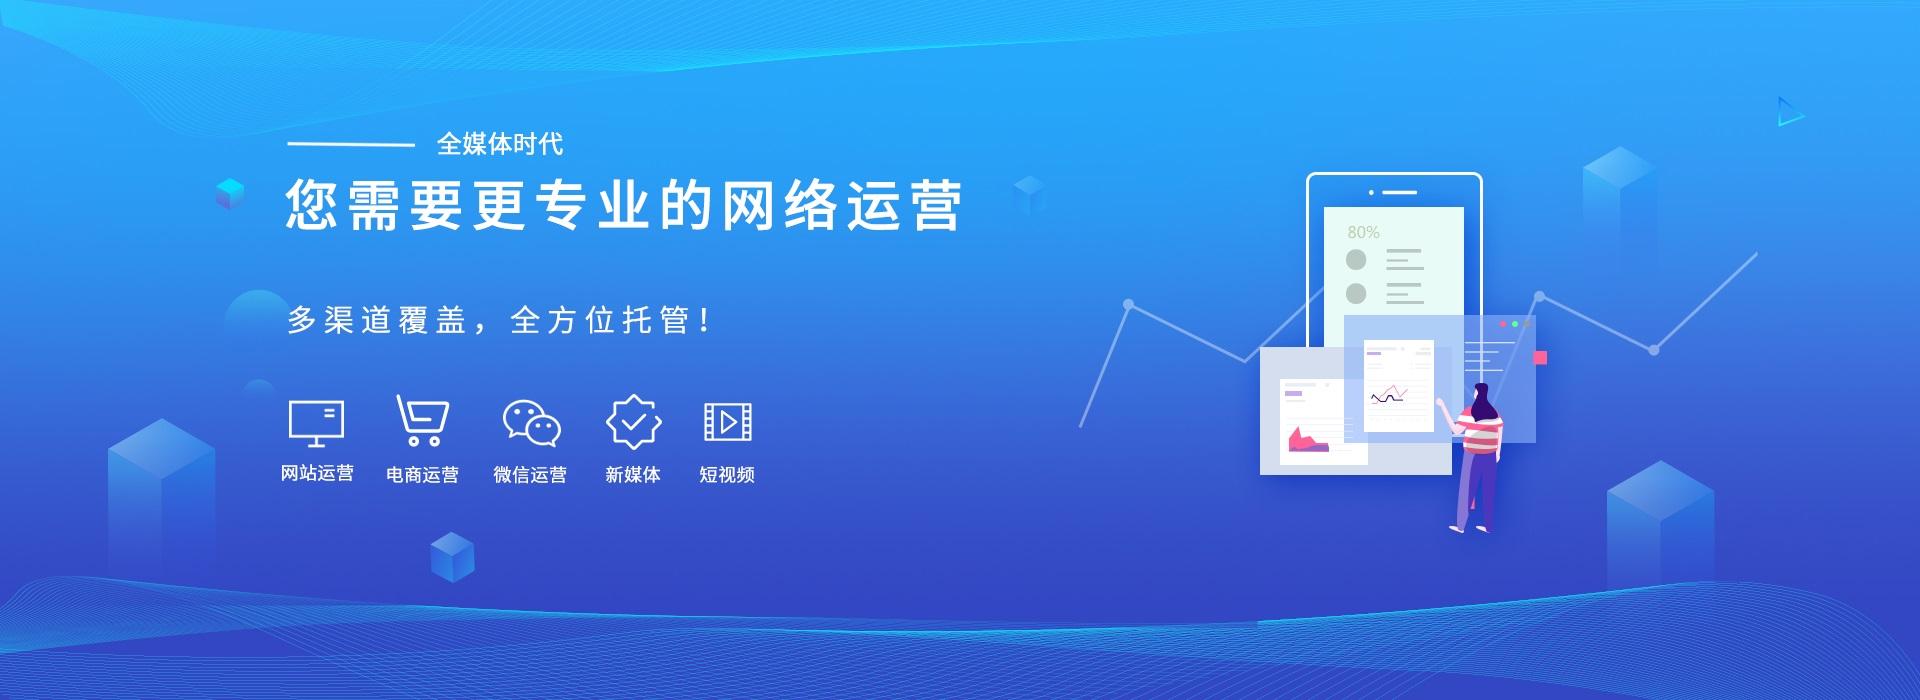 重庆网络运营